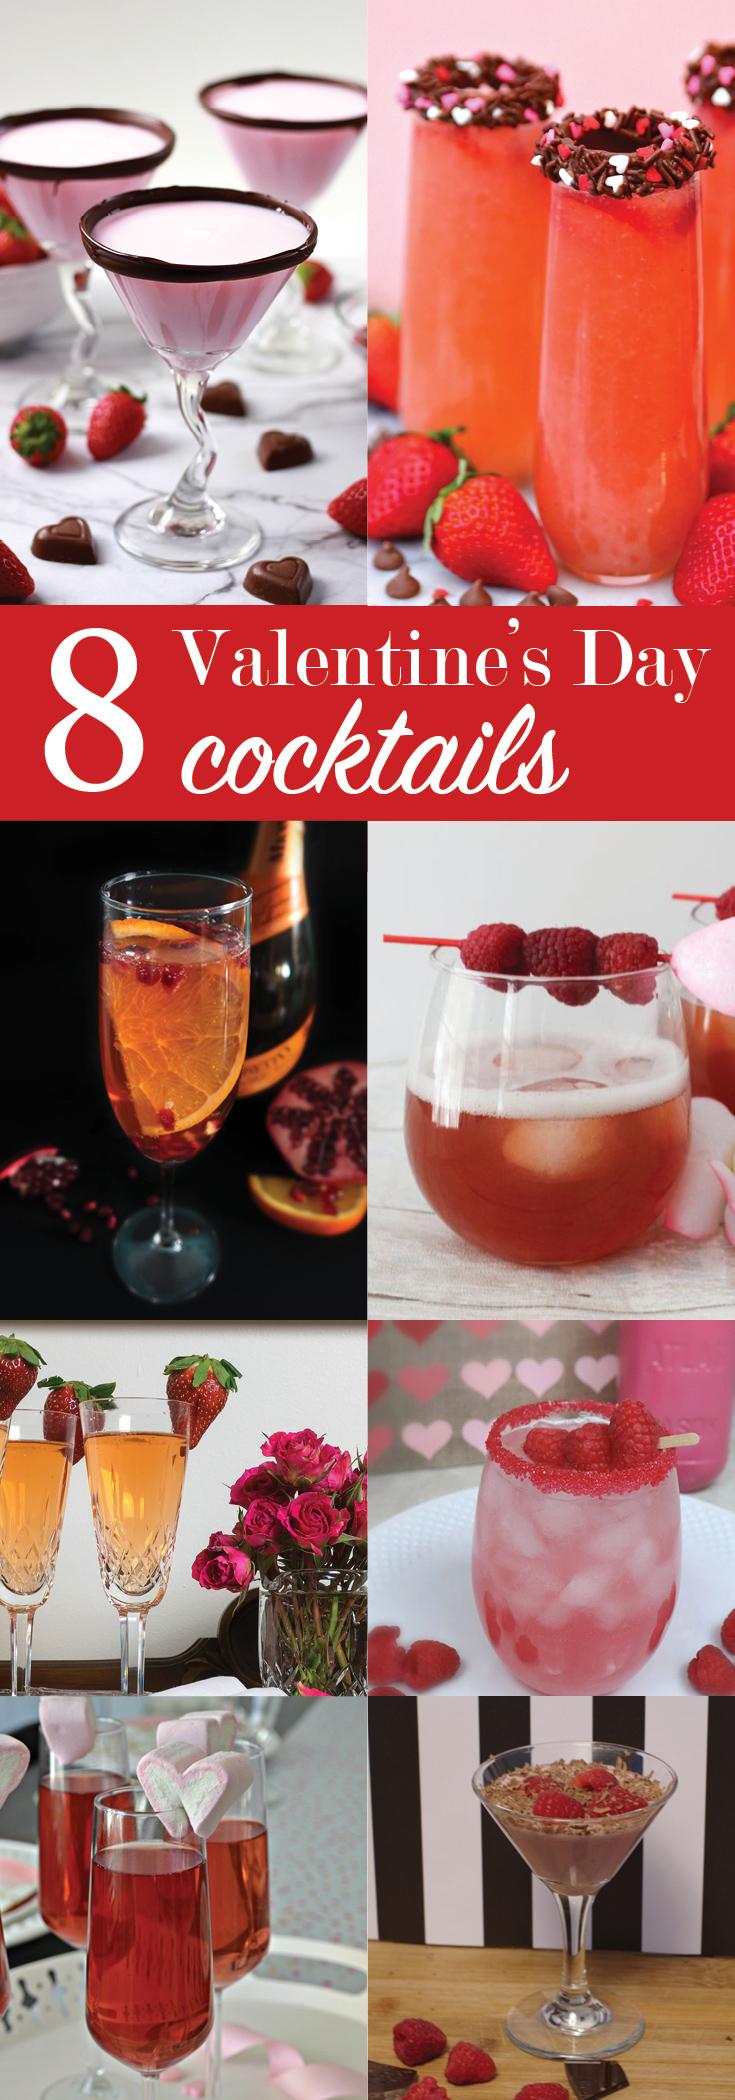 8_Valentines_Day-Cocktails.jpg